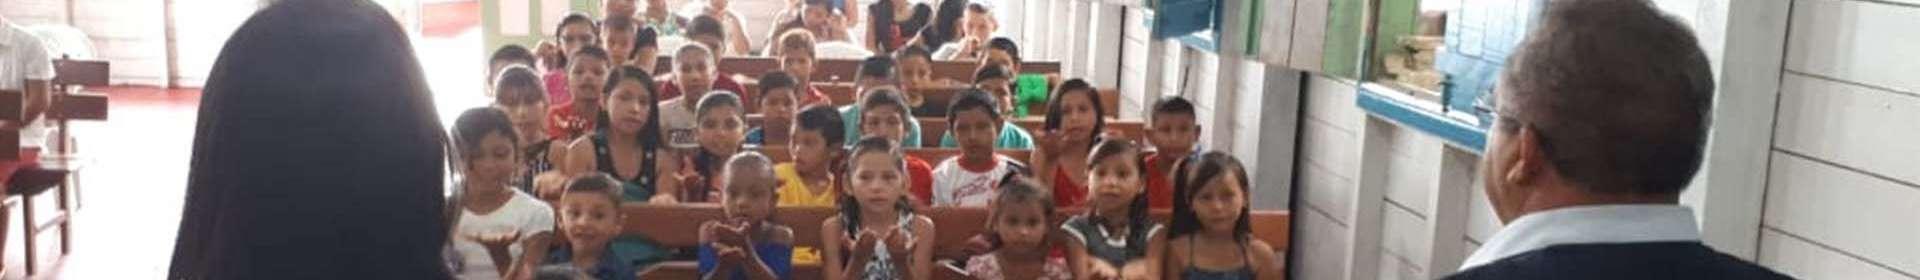 Atividades especiais são realizadas em São Sebastião da Boa Vista, Pará